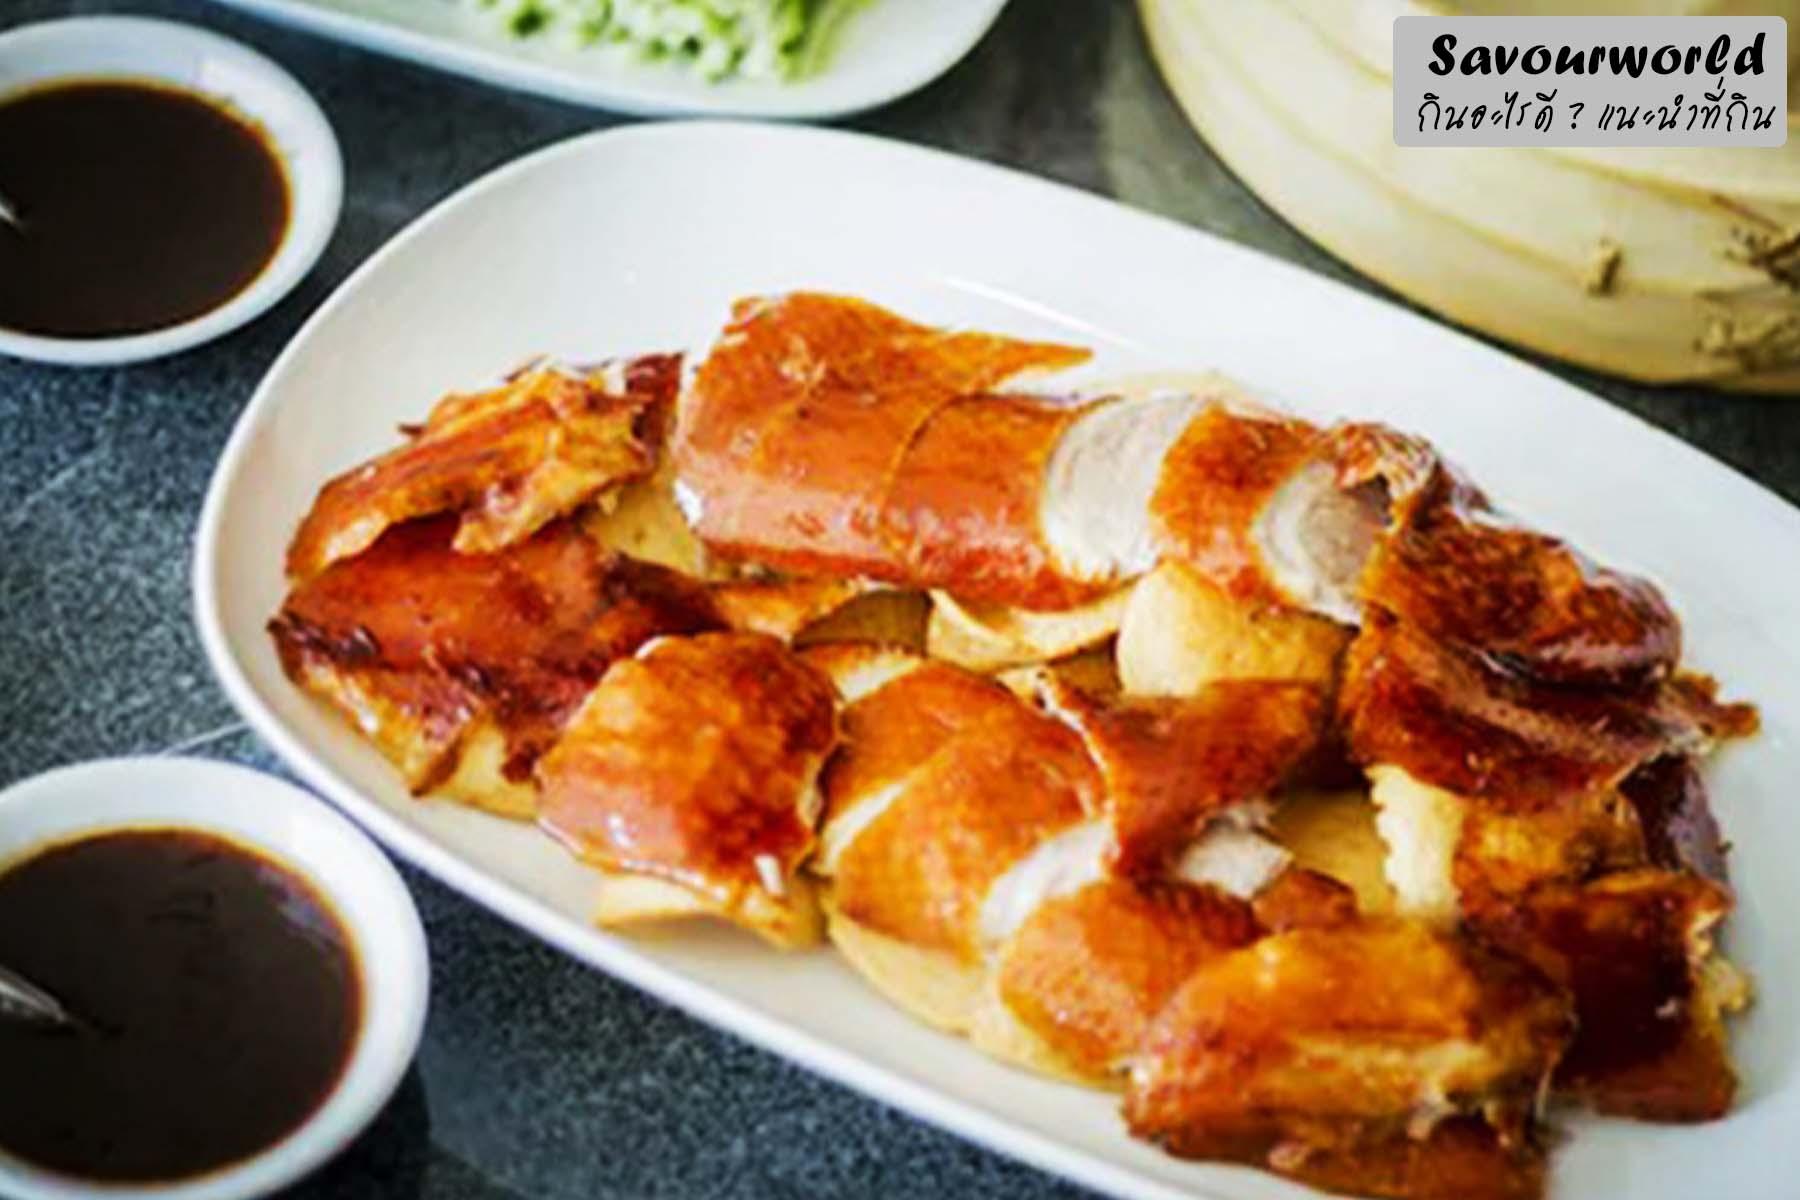 """""""เป็ดปักกิ่ง"""" อาหารจีนยอดนิยมในภัตตาคารที่คุณควรลิ้มลองให้ได้ - savourworld.com"""